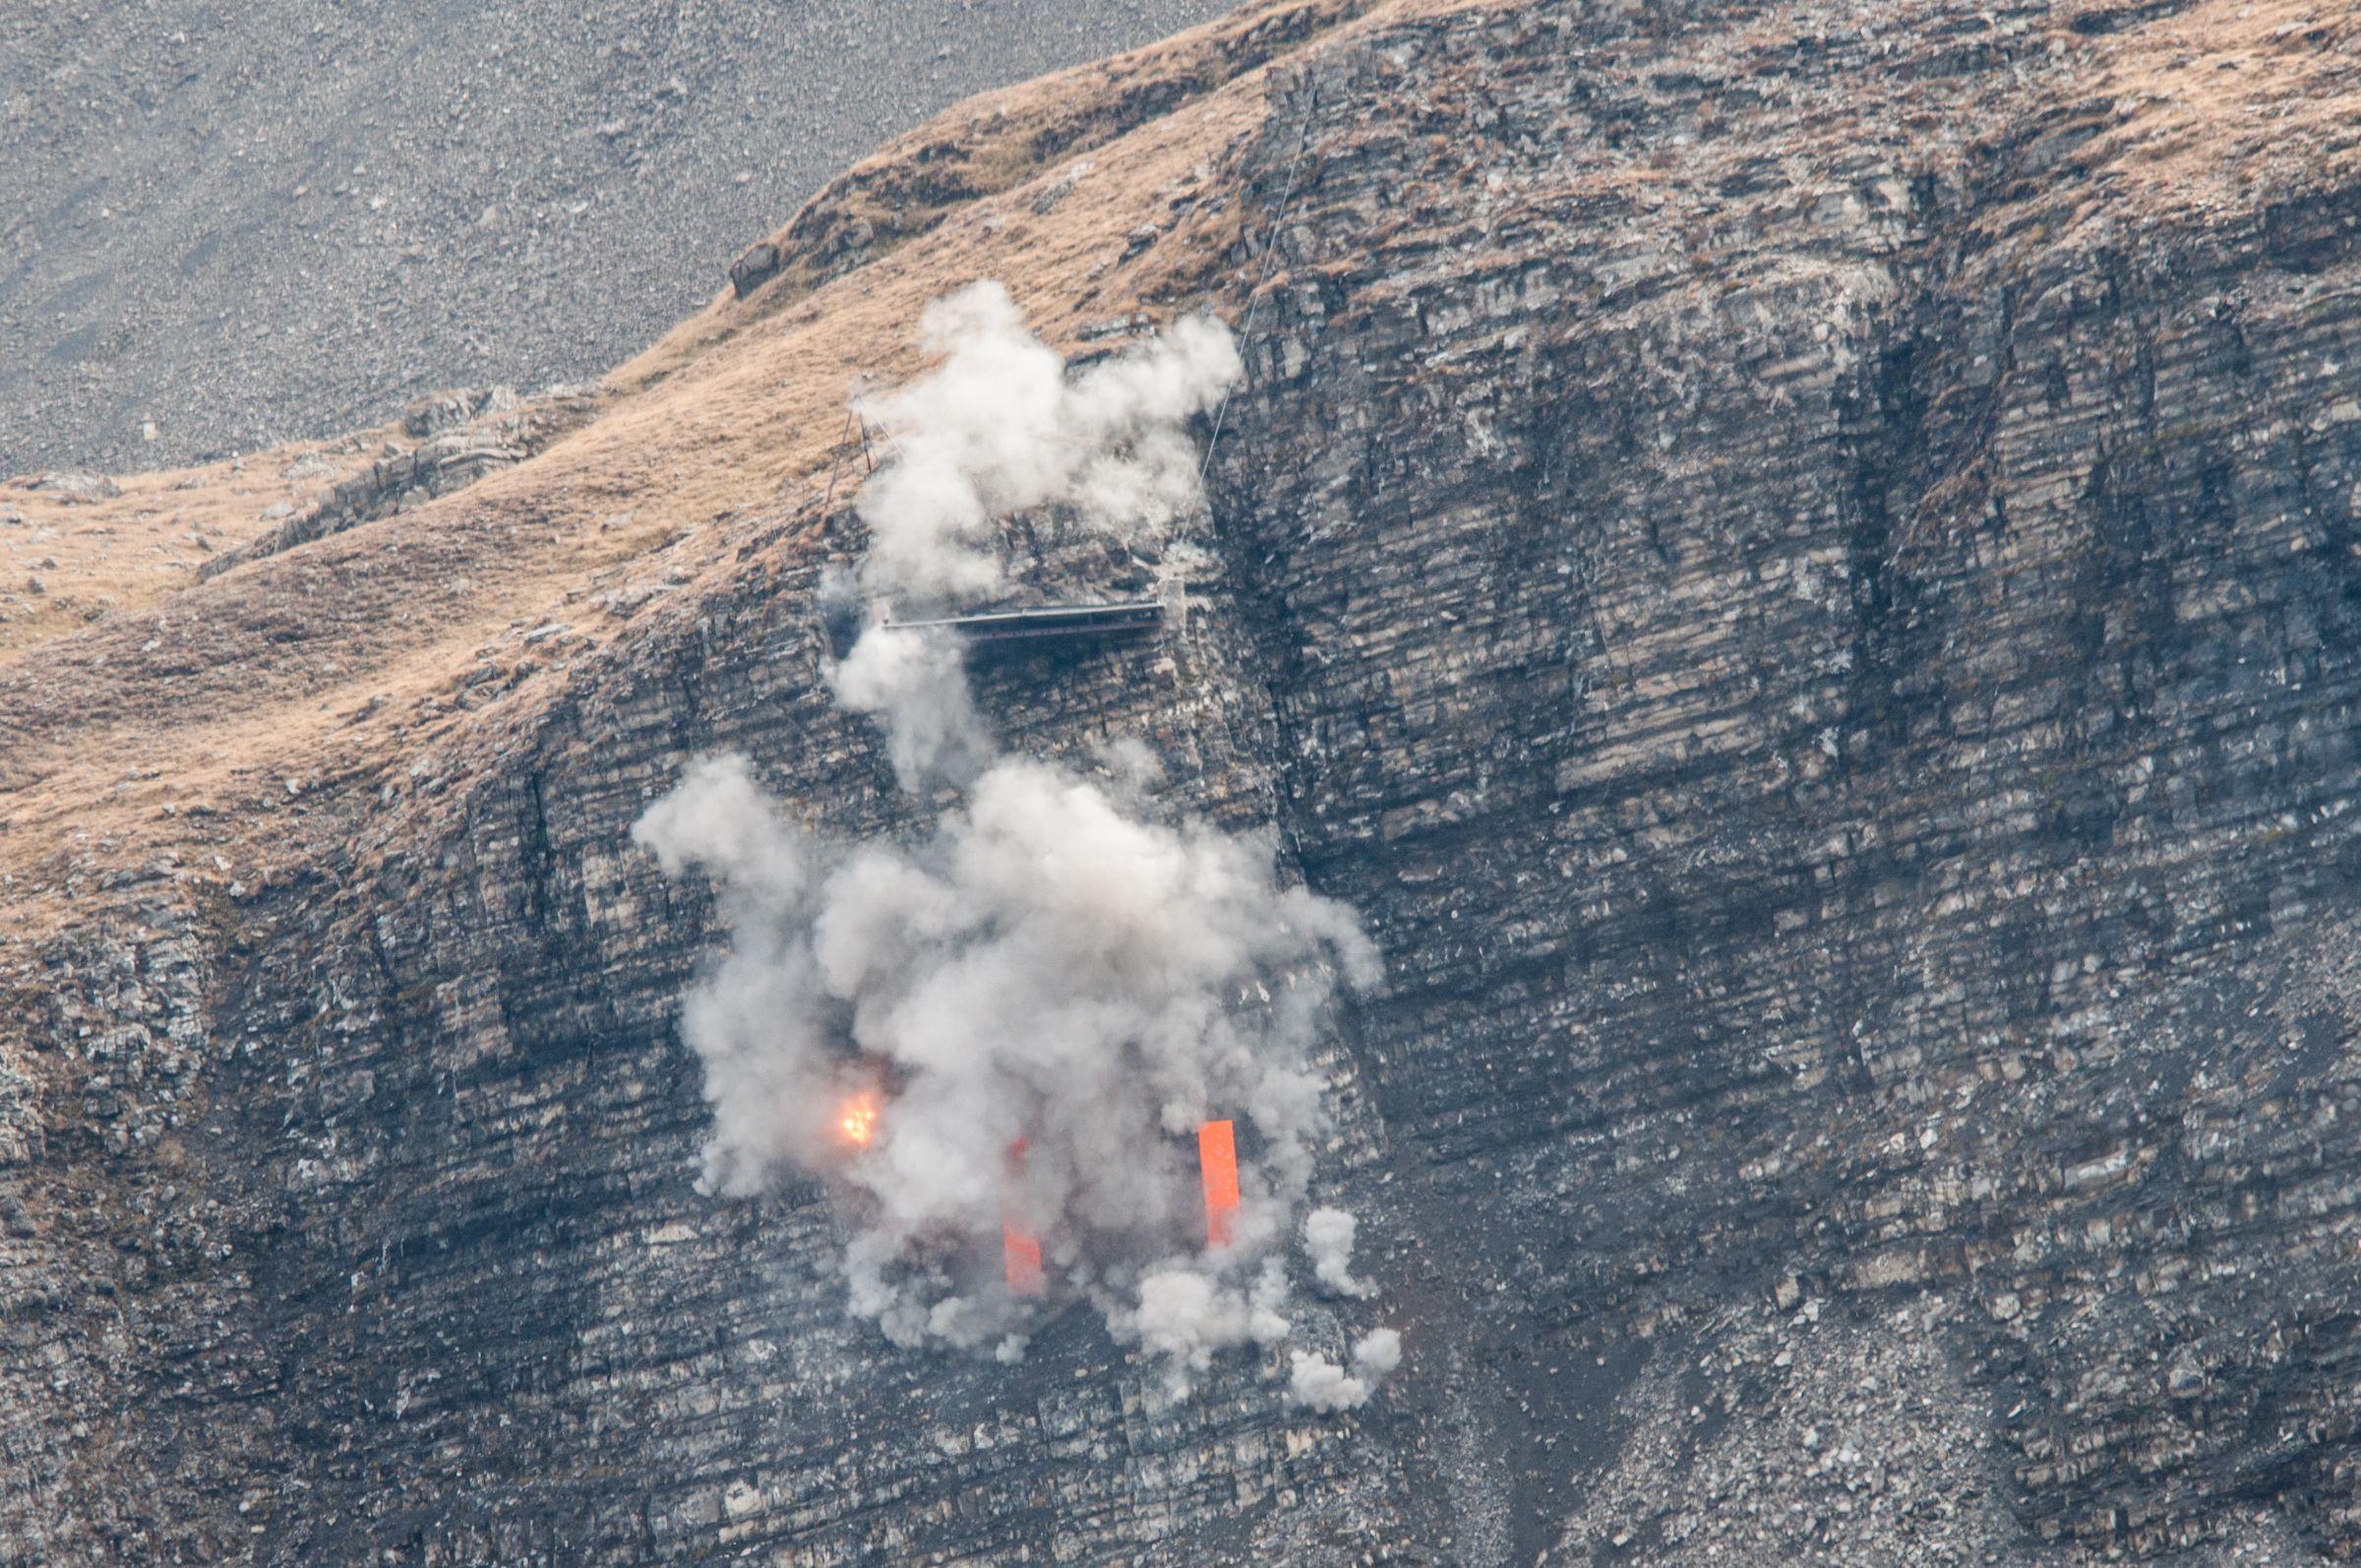 Air force live fire event Axalp 2012 - 10-11 Oct 2012 - Pagina 2 000188